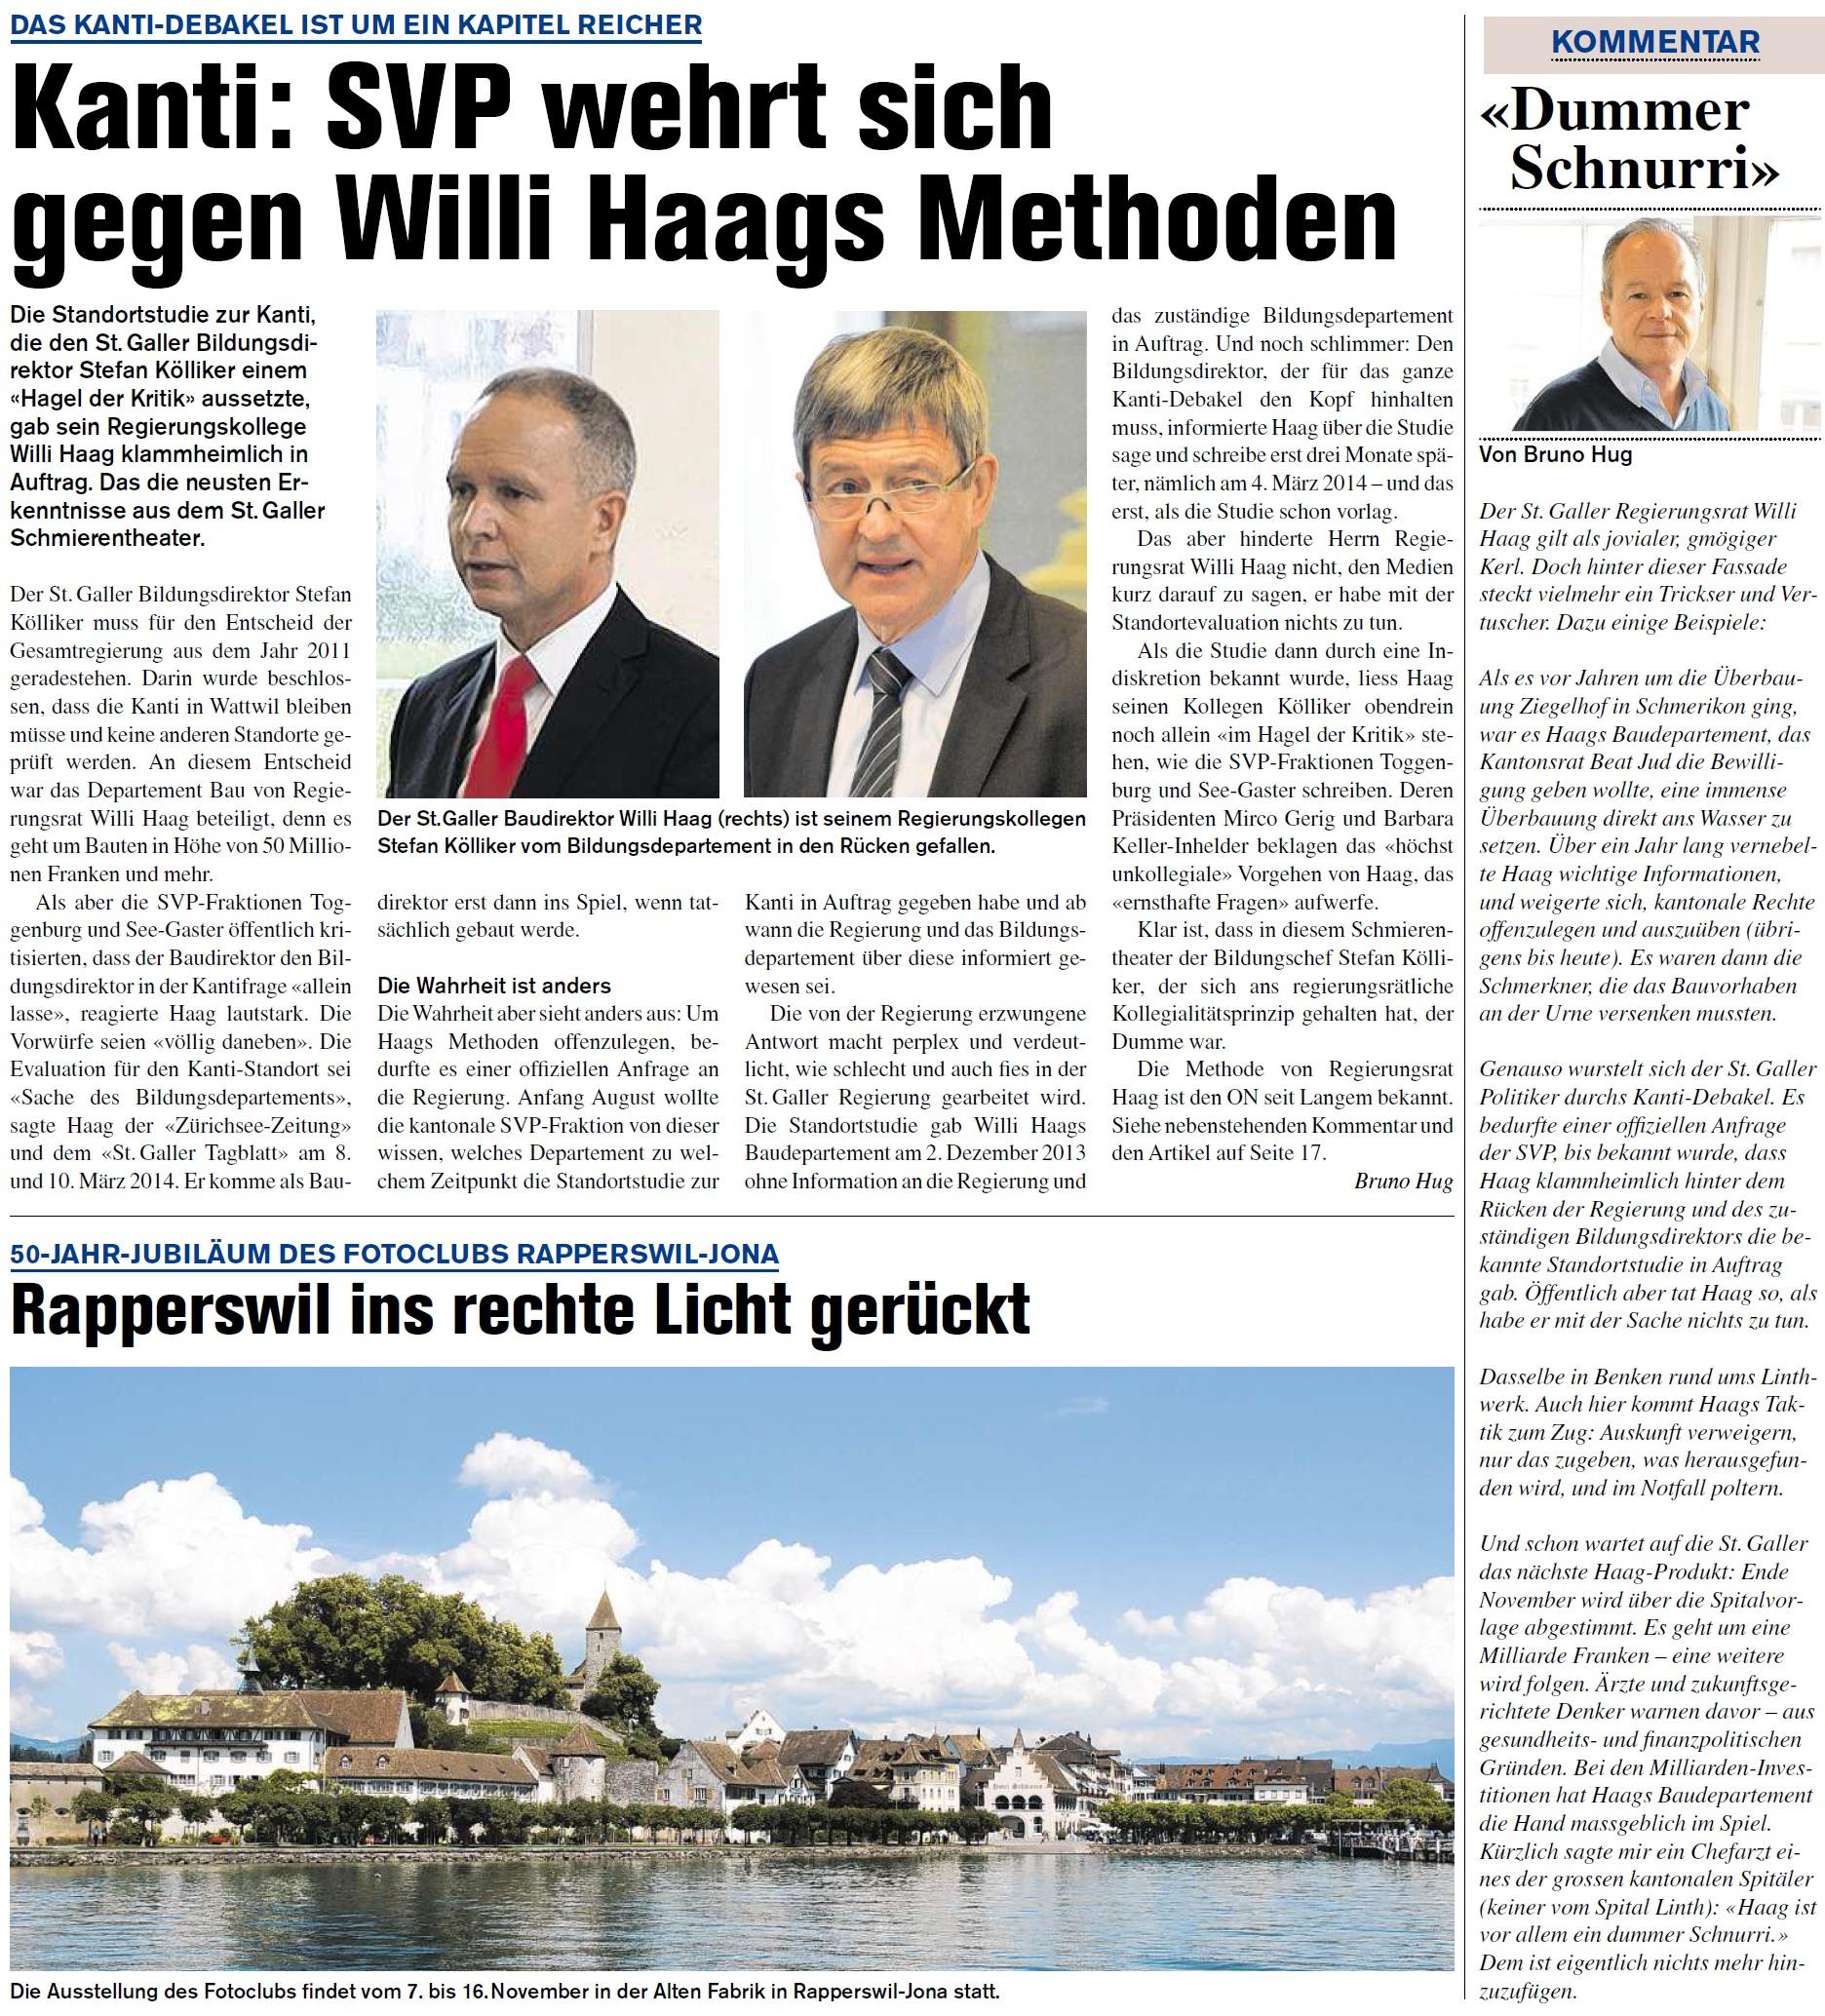 Kanti: SVP wehrt sich gegen Willi Haags Methoden (Donnerstag, 18.09.2014)